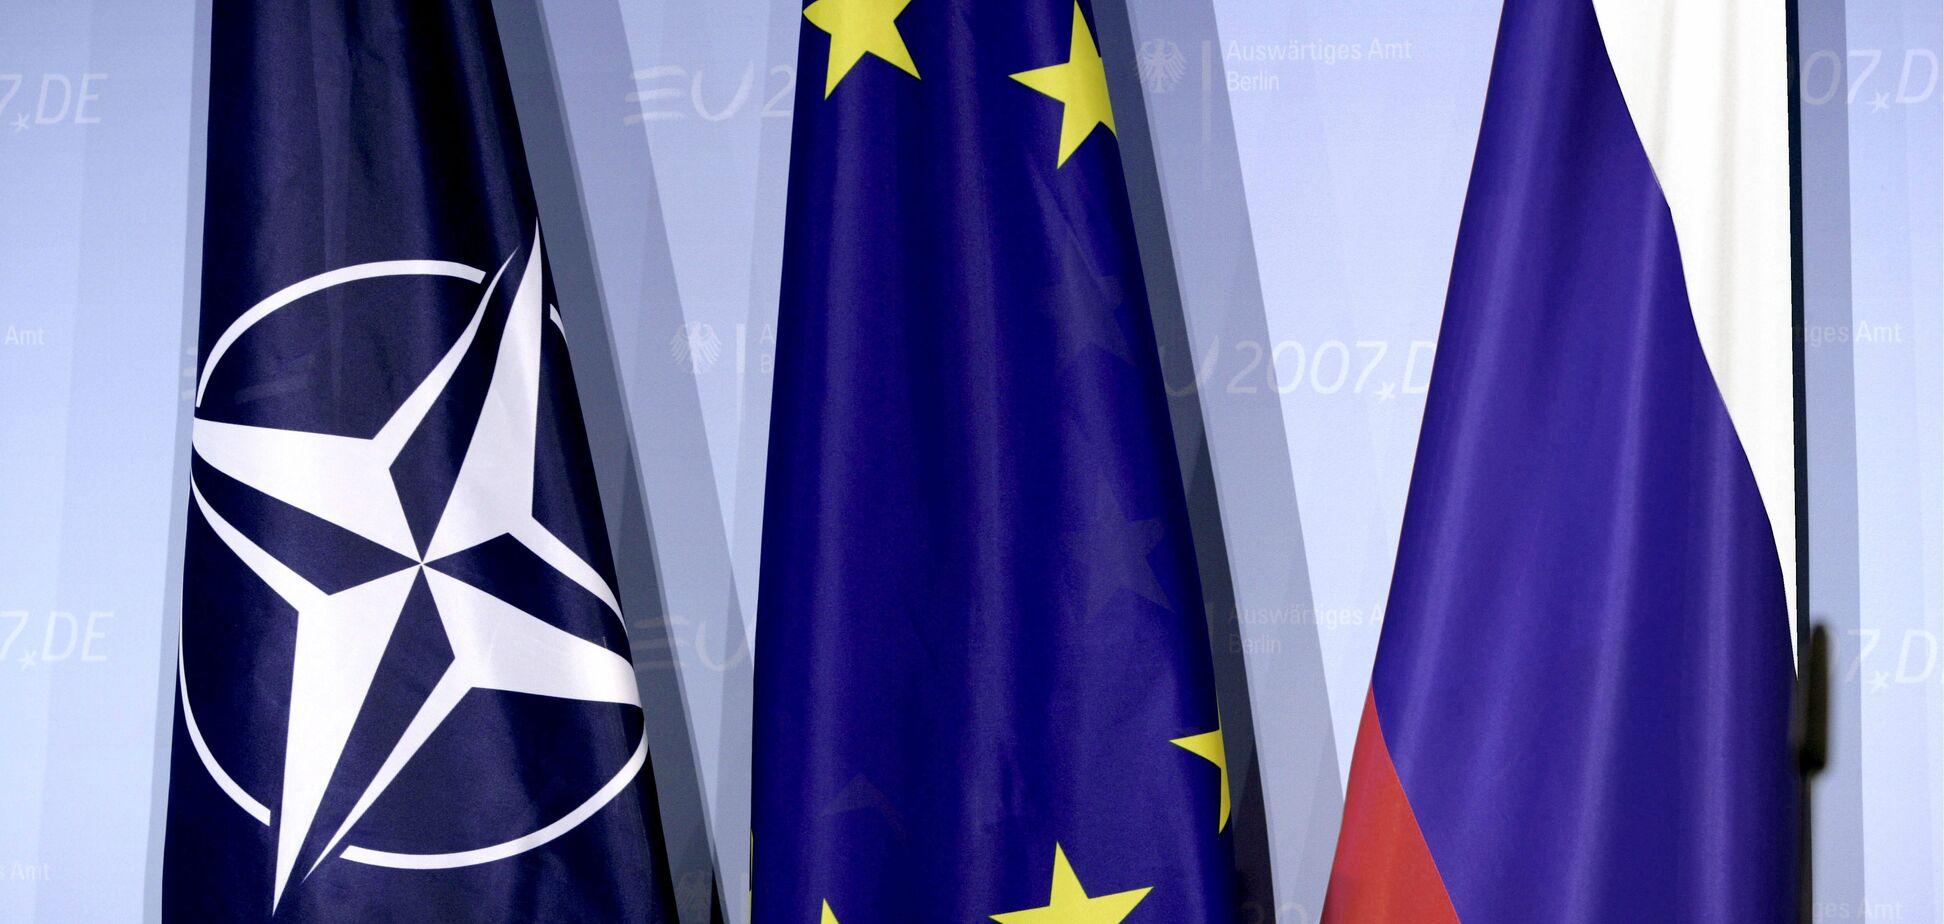 У Трампа объяснили, почему Путину не стоит надеяться на послабление санкций ЕС